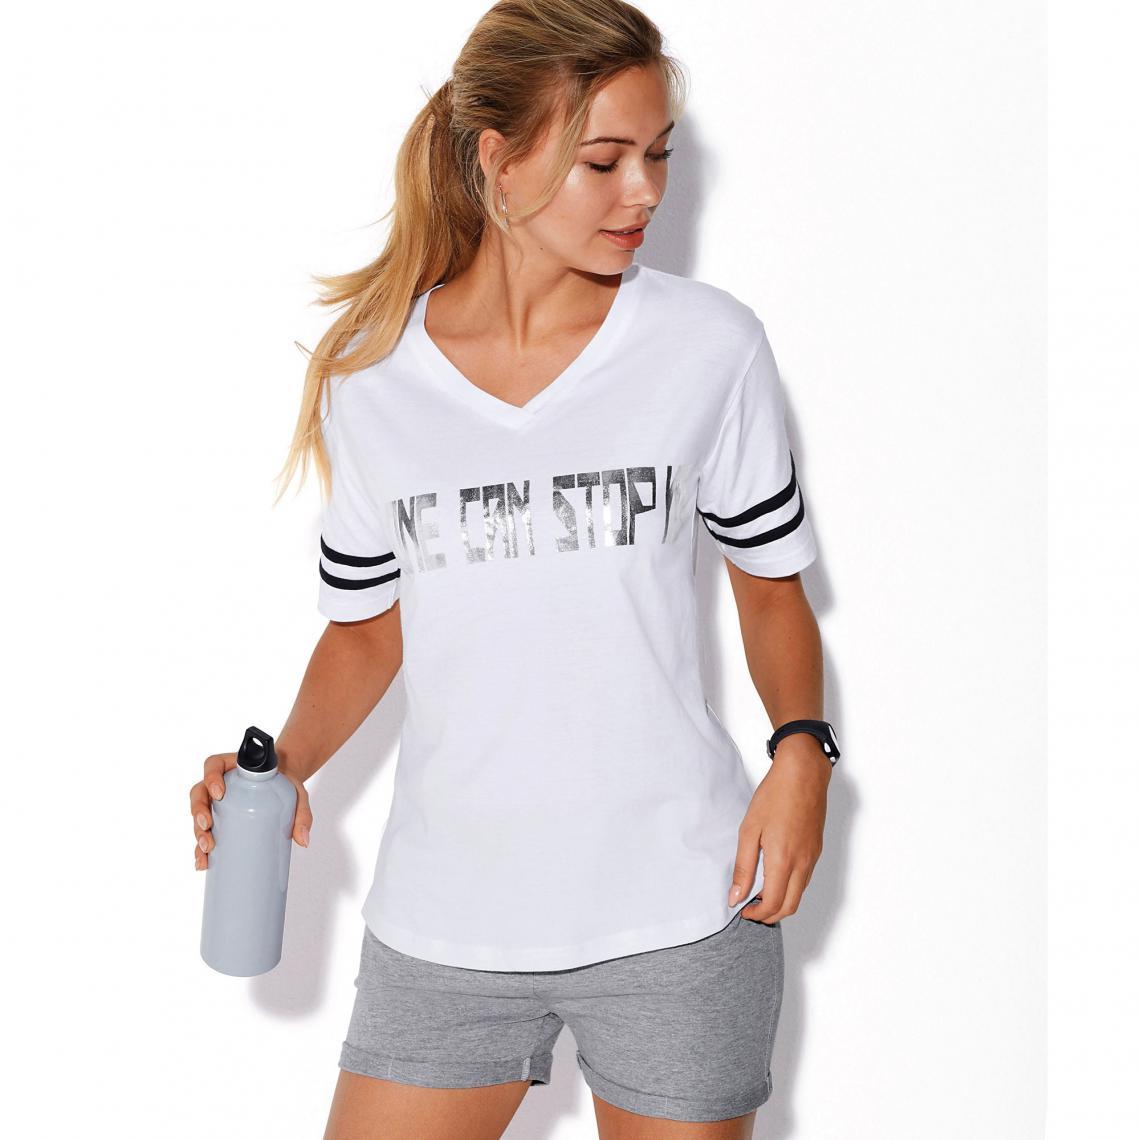 meilleure sélection 1de14 6468c Tee-shirt fitness manches courtes col V imprimé devant femme - Blanc